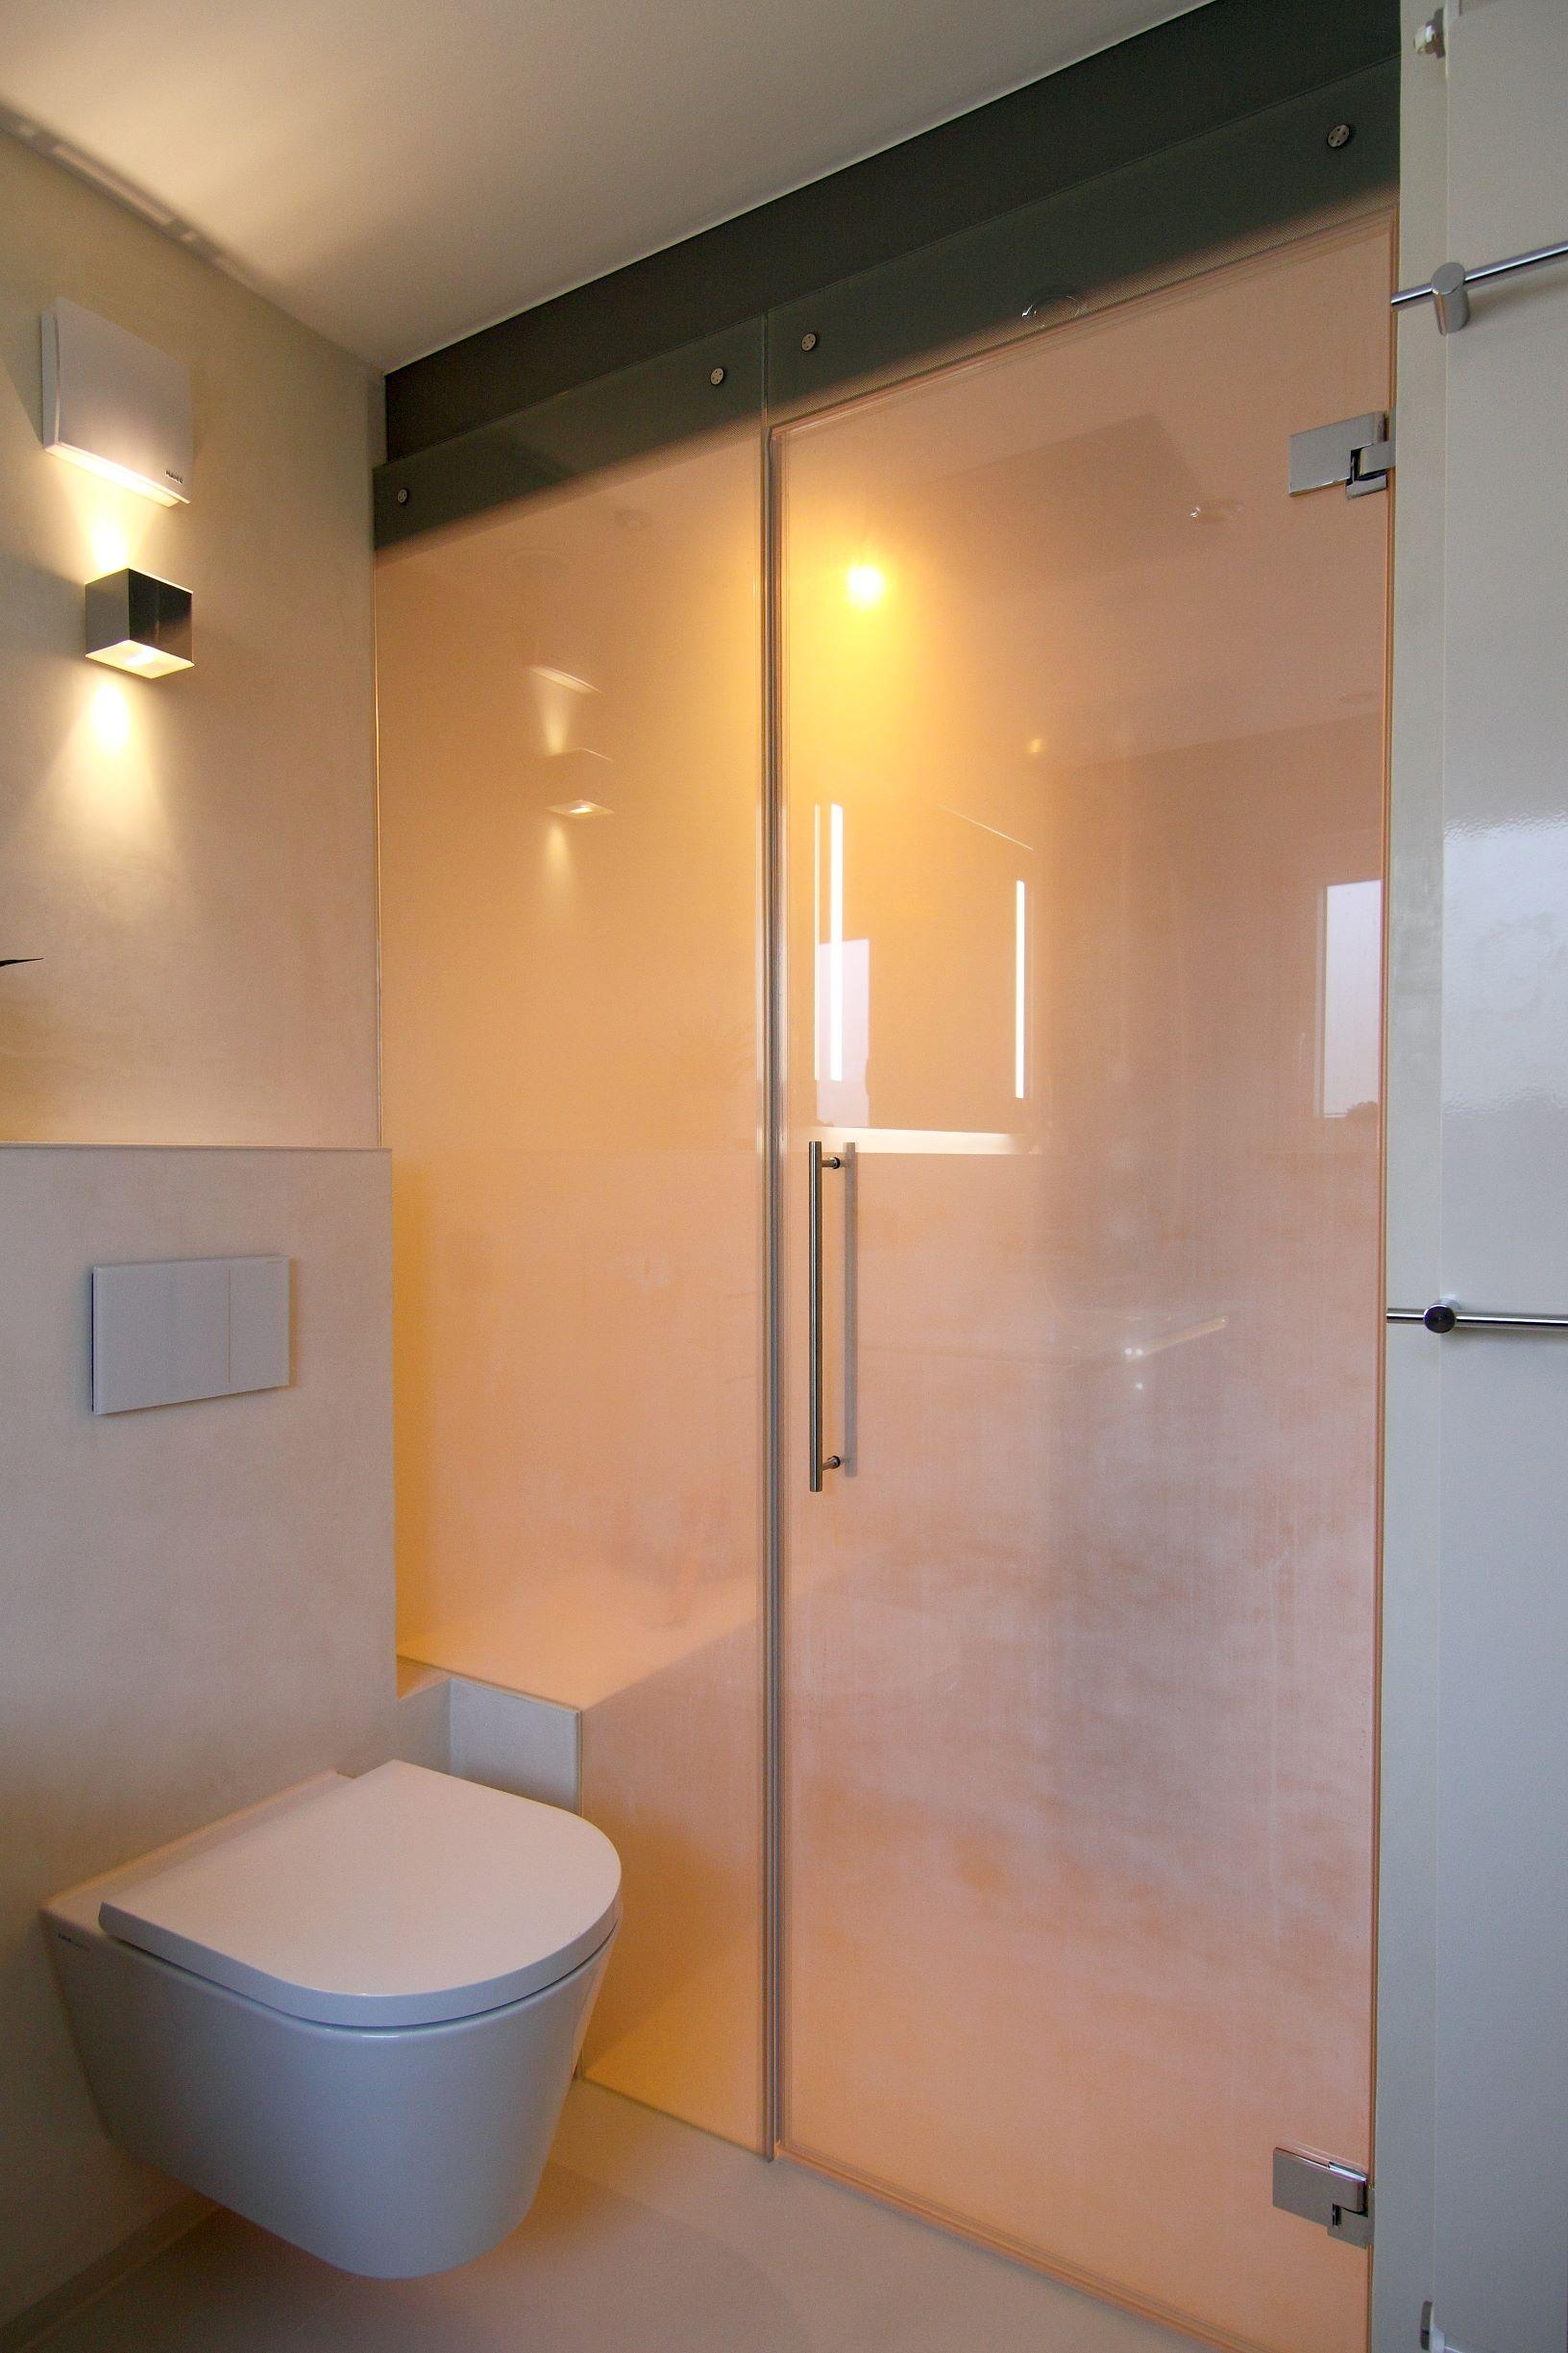 #bestebadstudios #badezimmer #bad #dusche #wc #badsanierung  #modernesbadezimmer